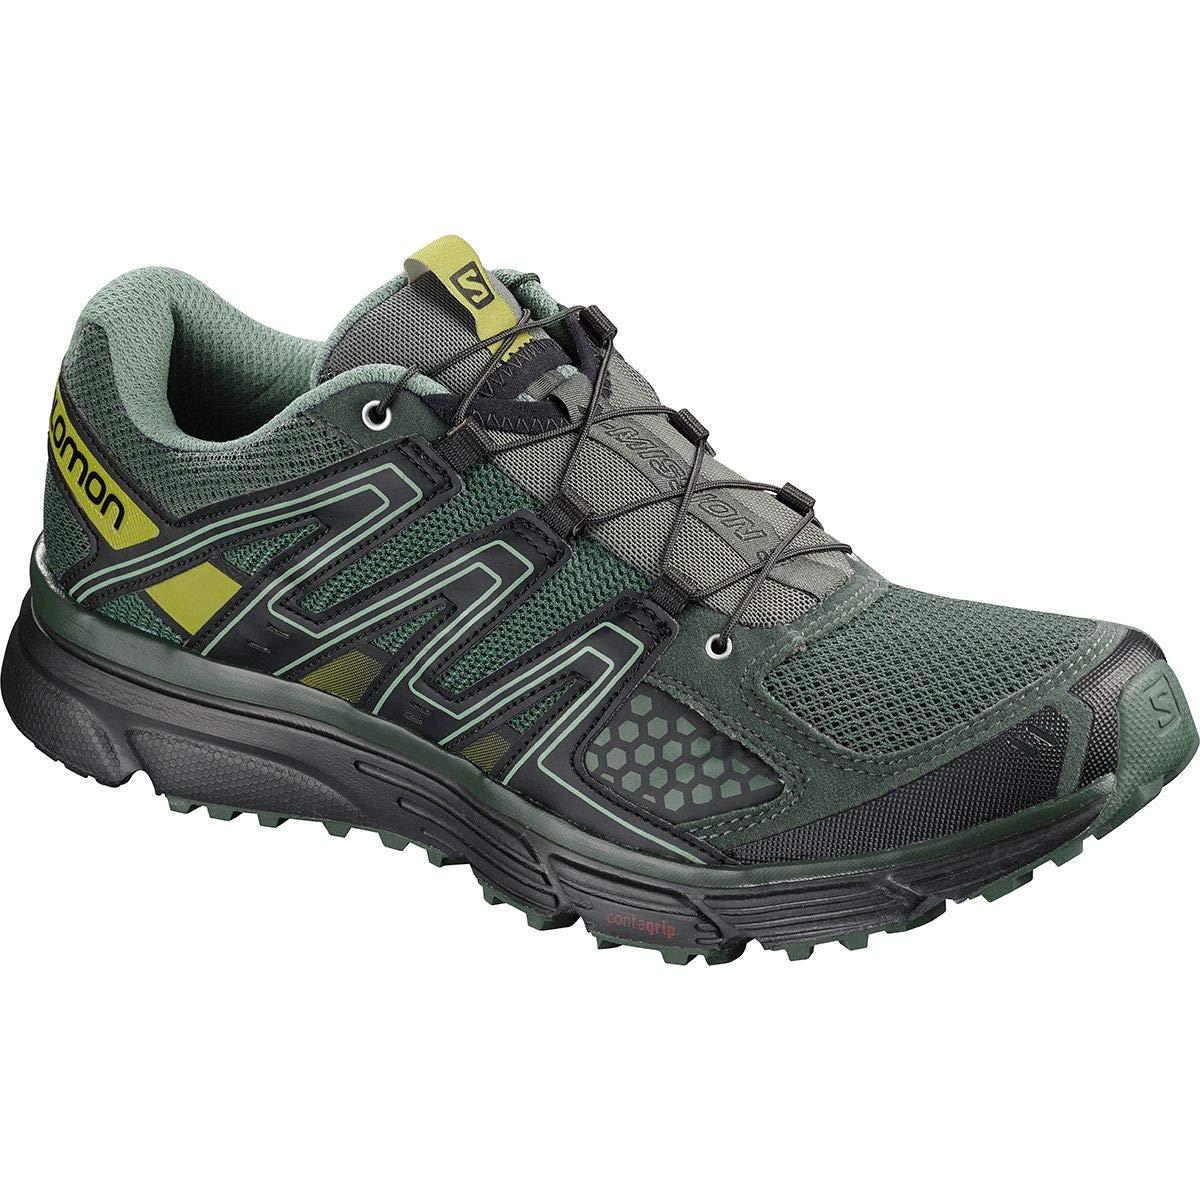 数量は多い  [サロモン] メンズ ランニング X-Mission Running 3 Trail Running X-Mission Shoe [並行輸入品] Shoe B07GQWXZKW US-11.5/UK-11.0, TCEダイレクト:5b5d811c --- a0267596.xsph.ru